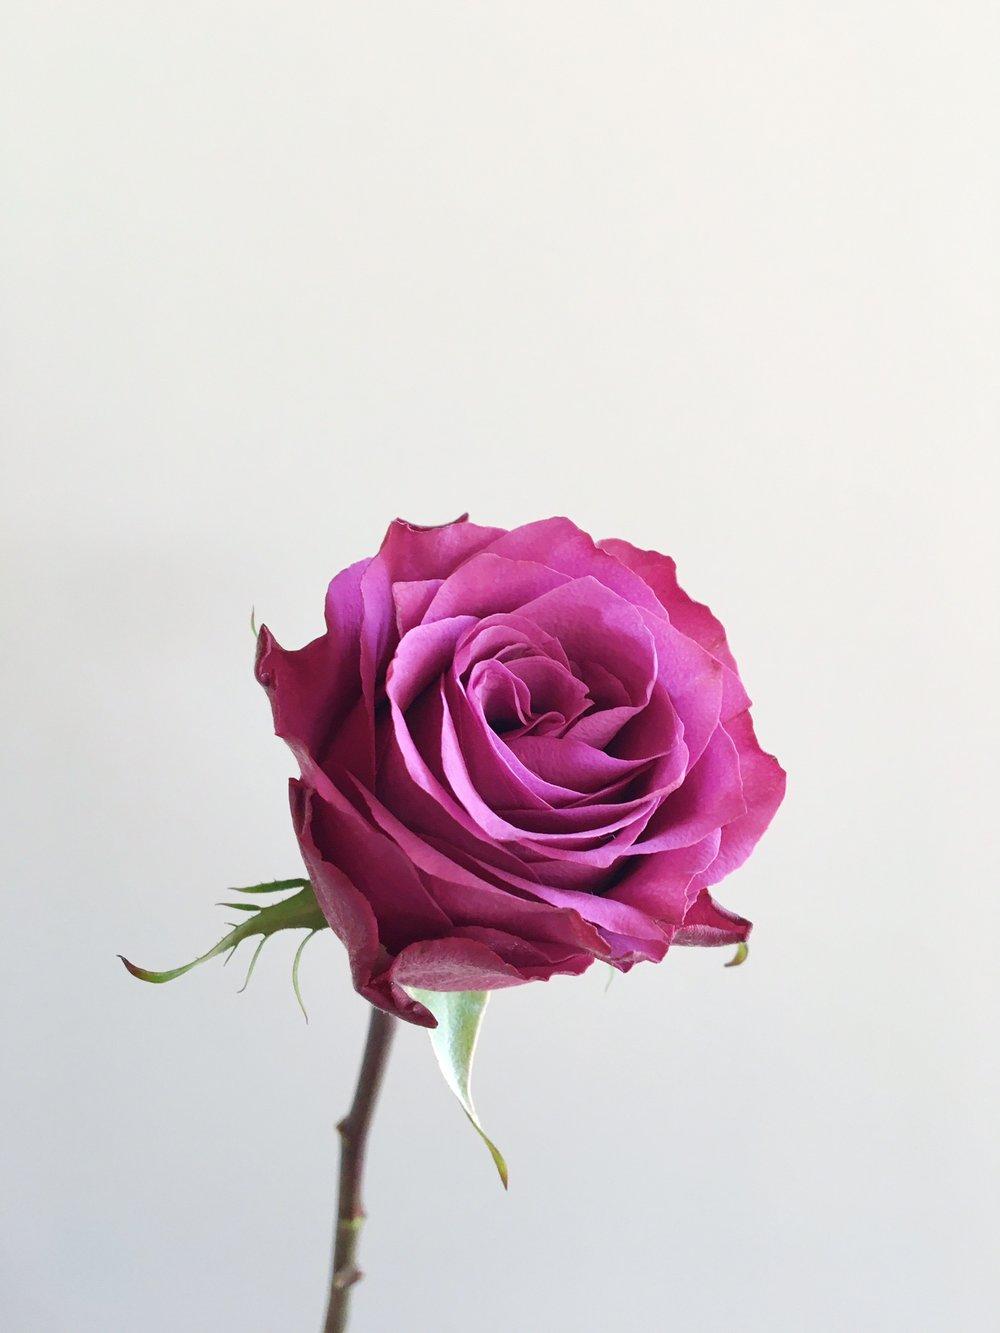 MORISCA ROSE